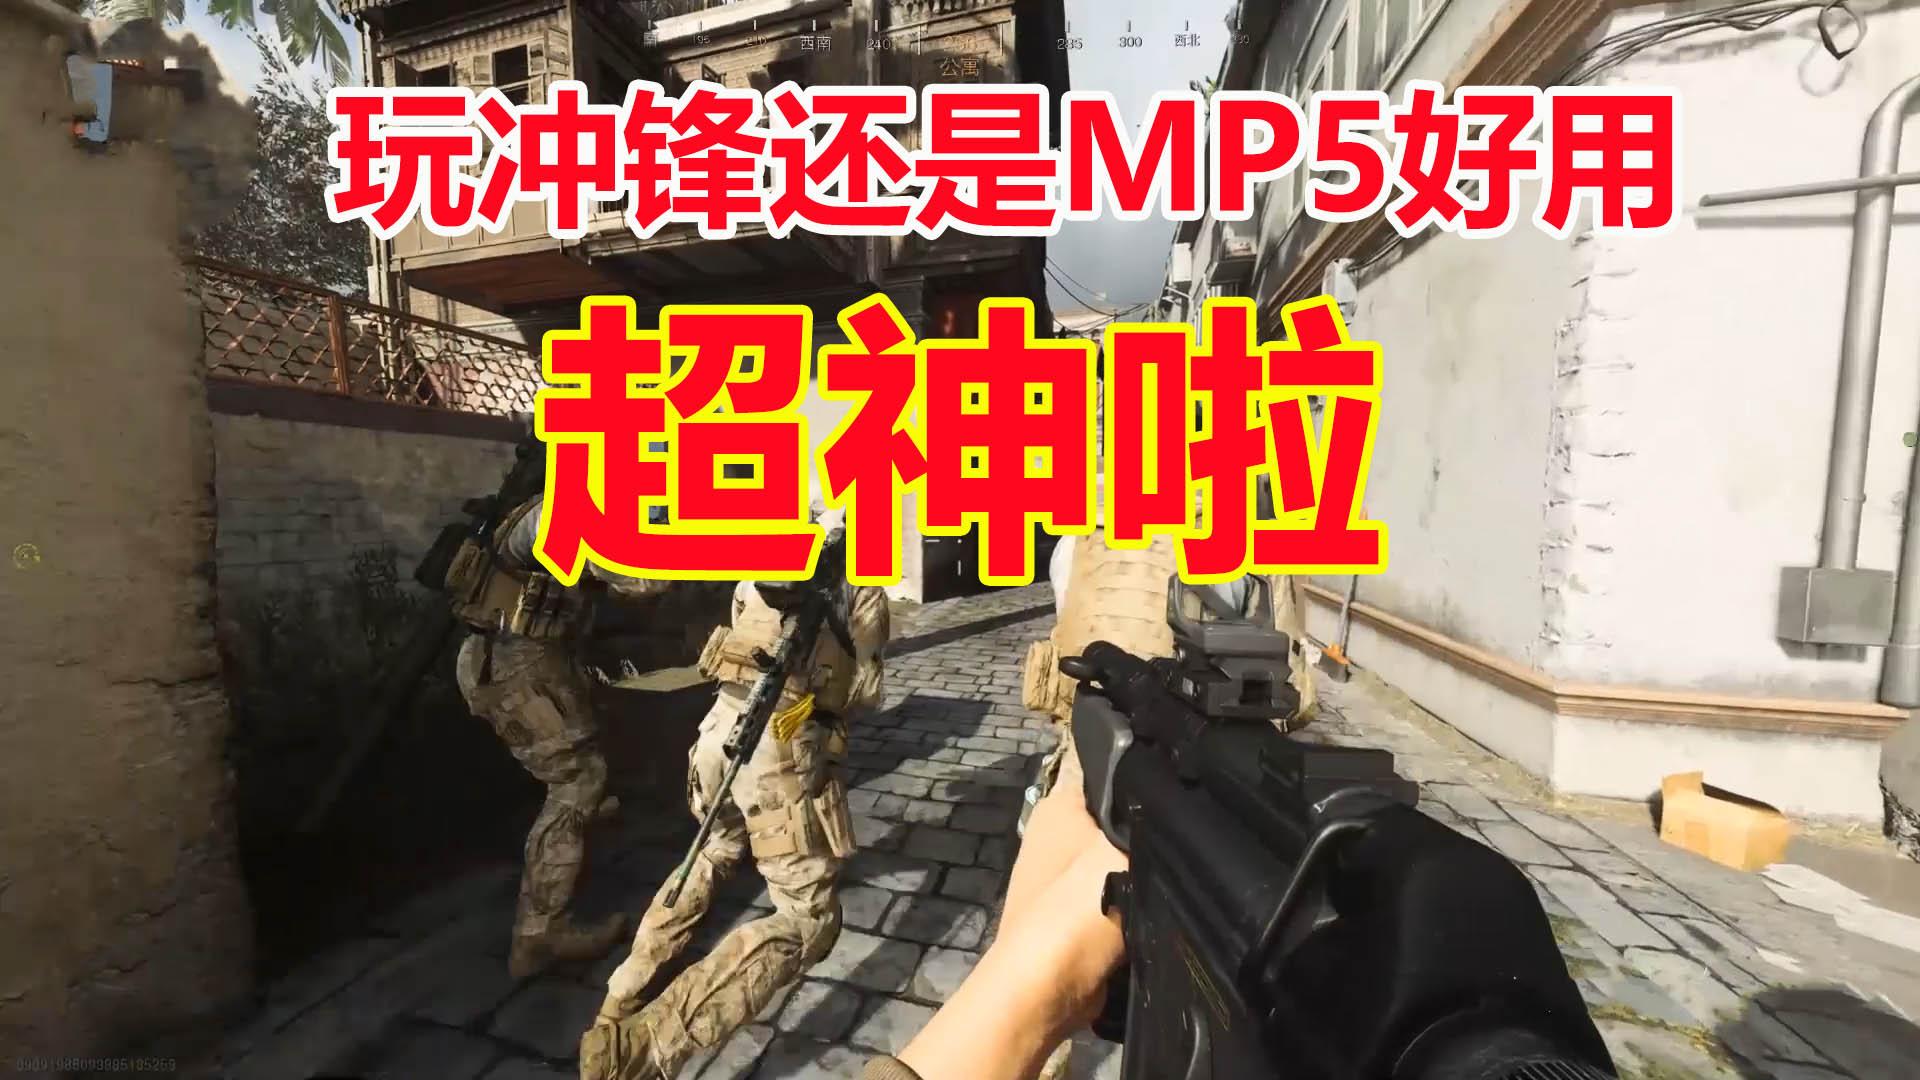 使命召唤16:玩冲锋还是MP5冲锋枪好用,射速又快又稳定,超神啦